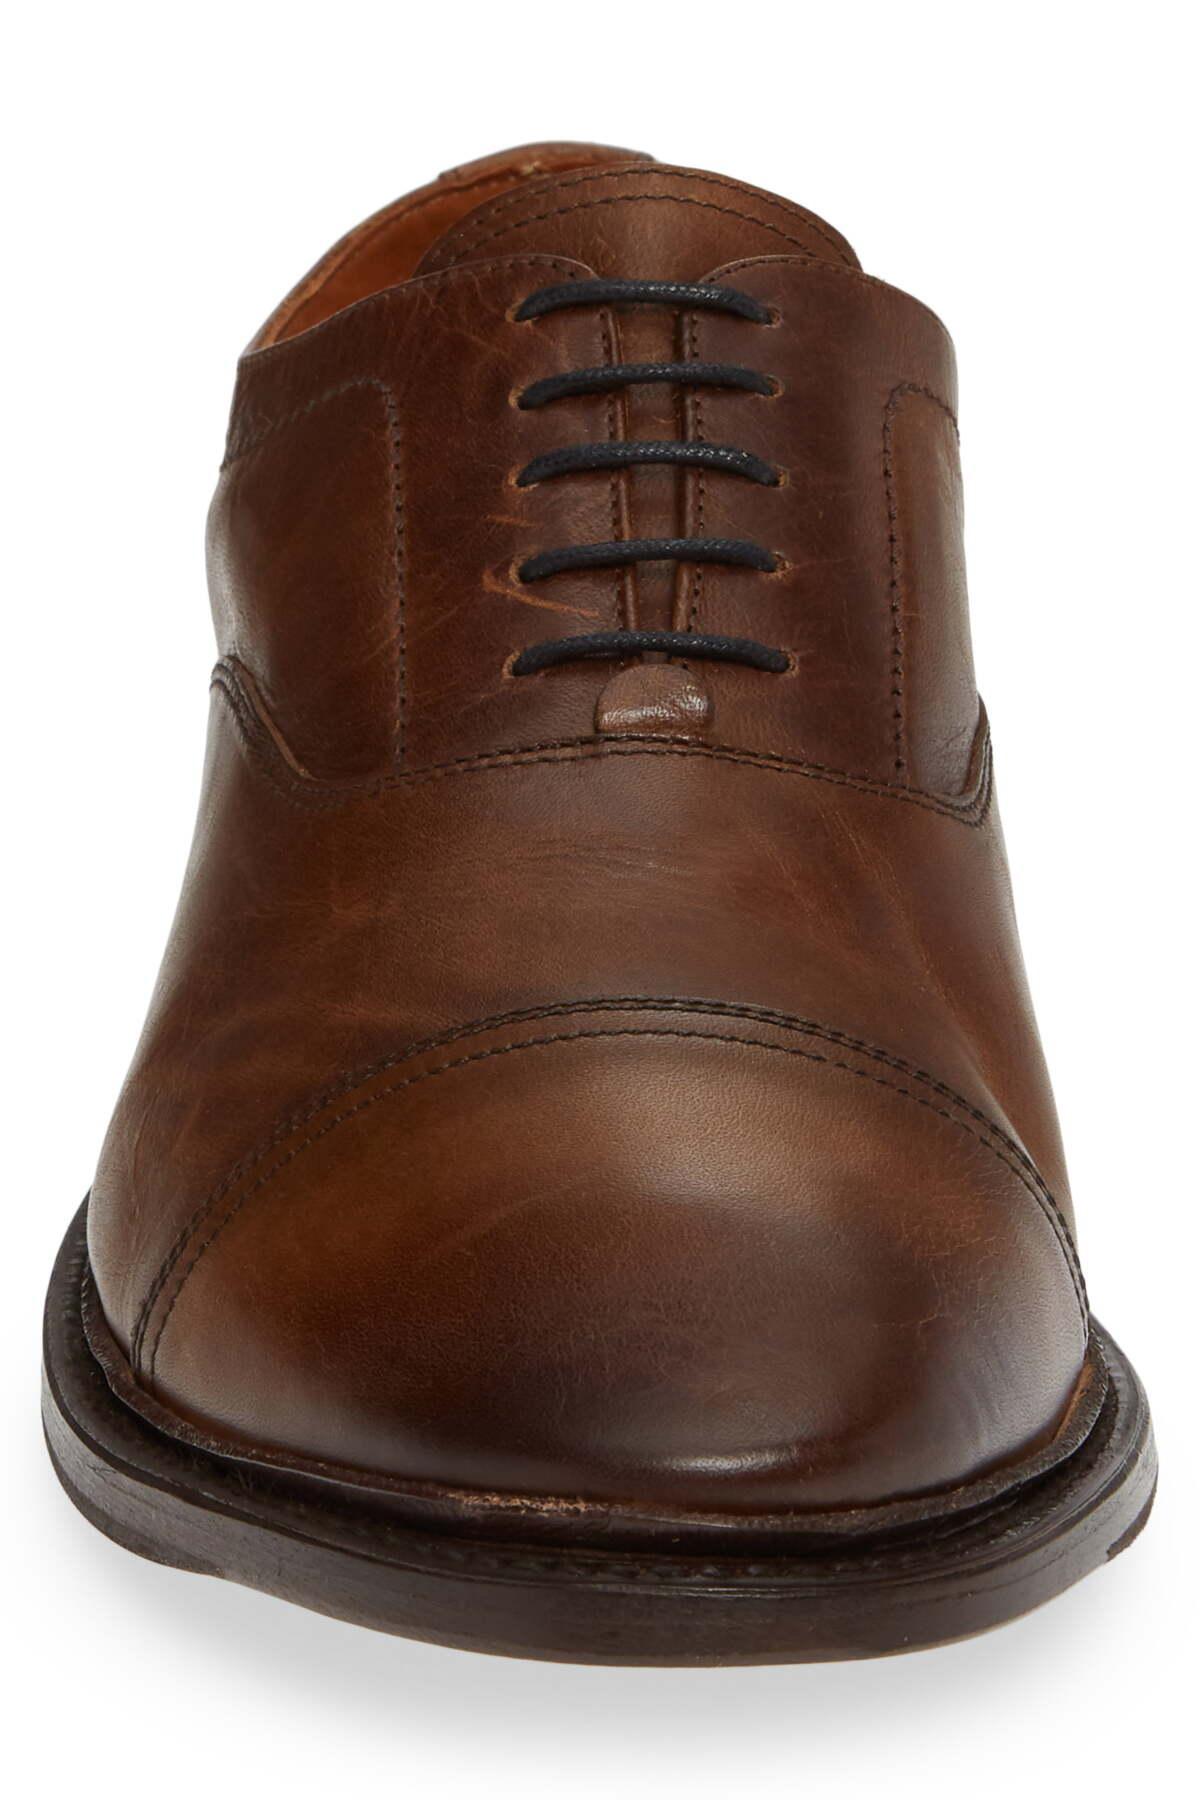 Frye Leather Paul Bal Cap Toe Oxford In Dark Brown Brown